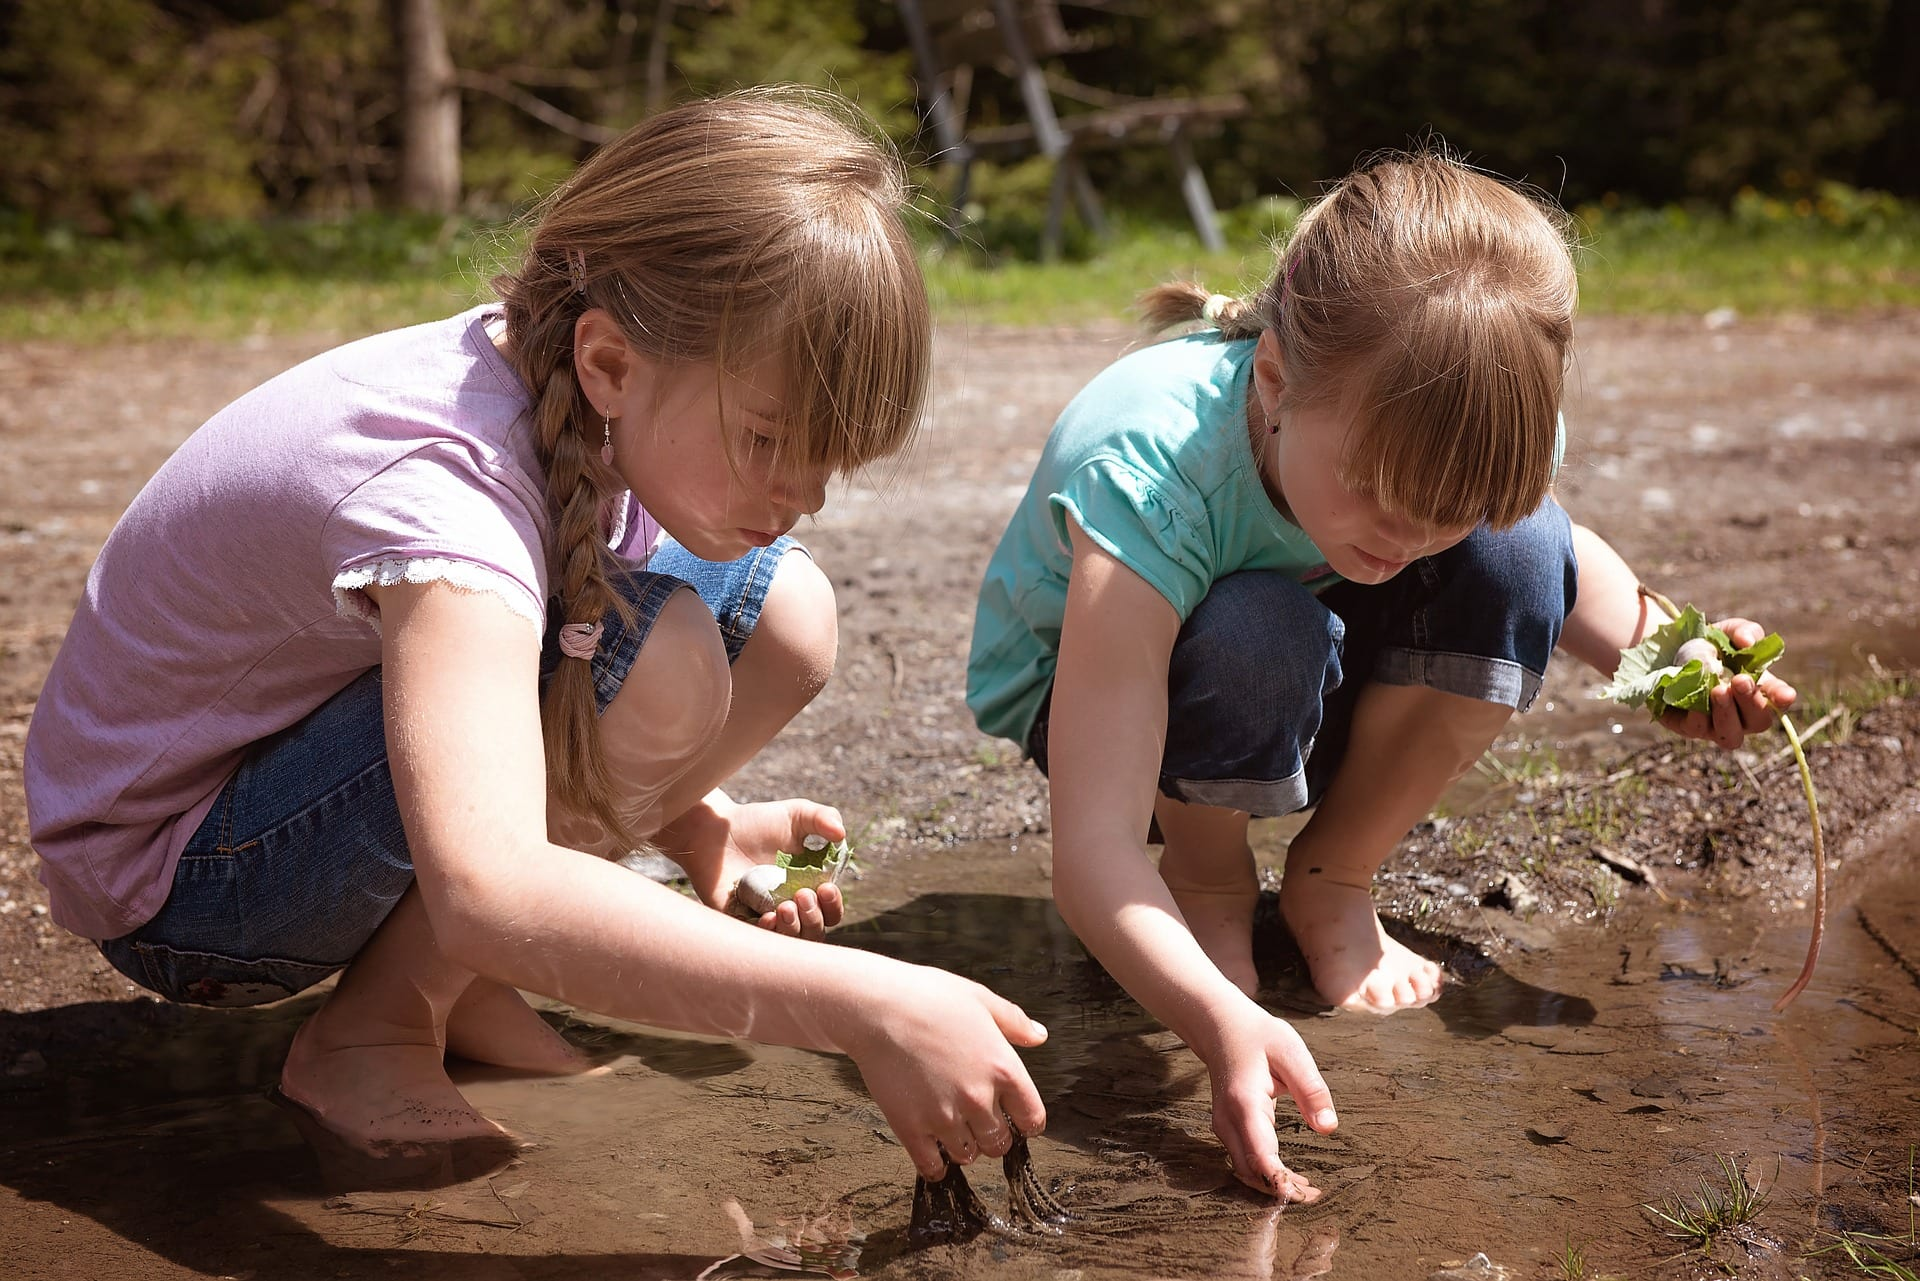 תמונה של שתי בנות משחקות בשלולית